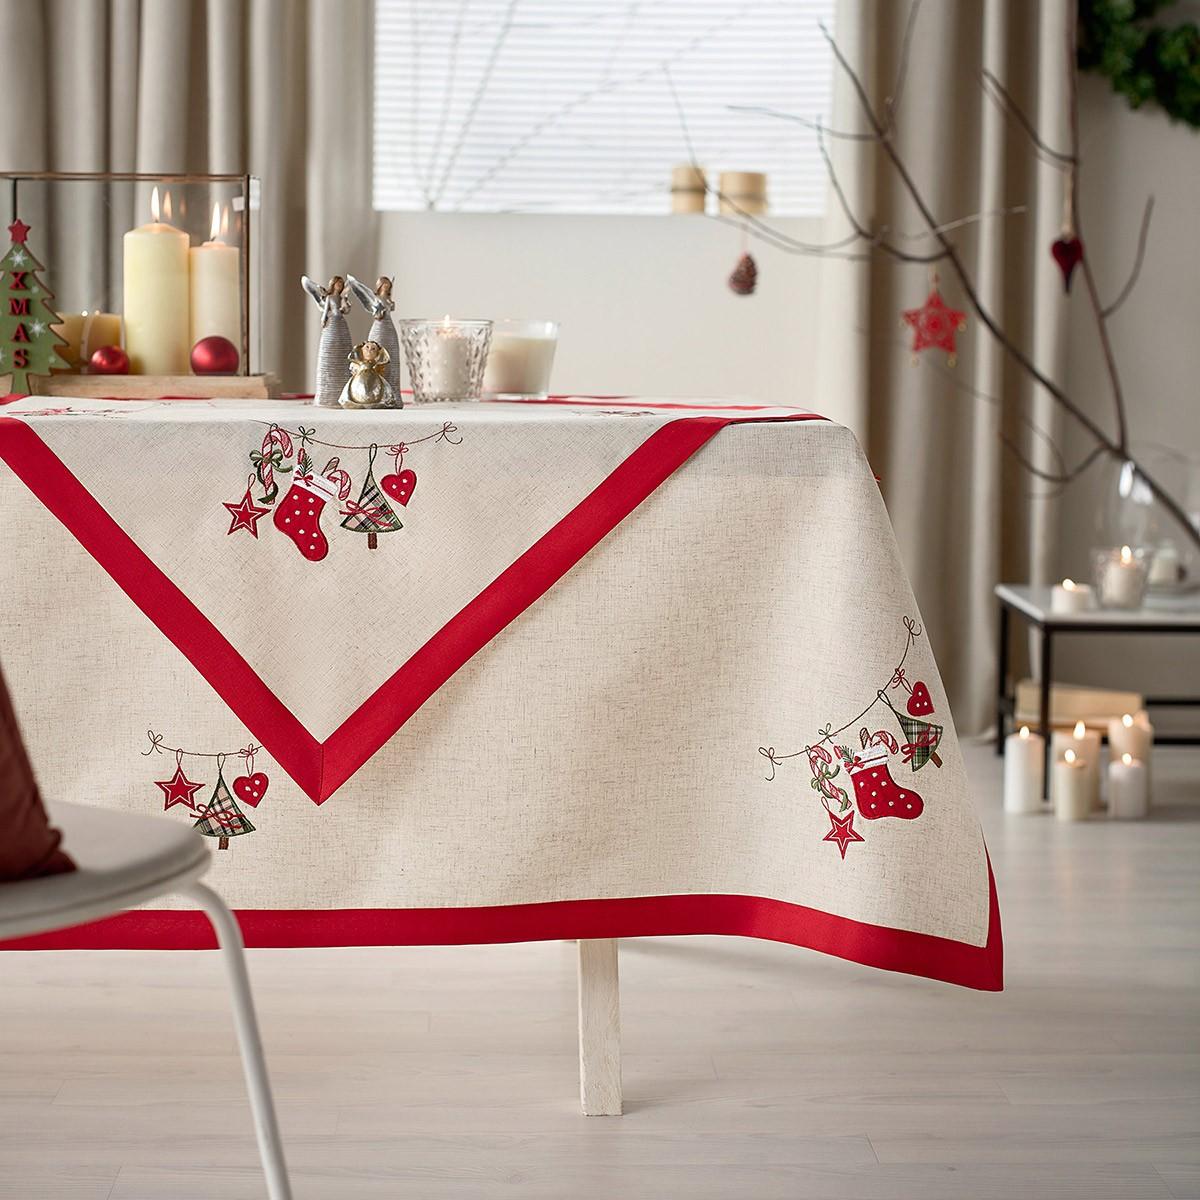 Χριστουγεννιάτικο Τραπεζομάντηλο (150x220) Gofis Home 106